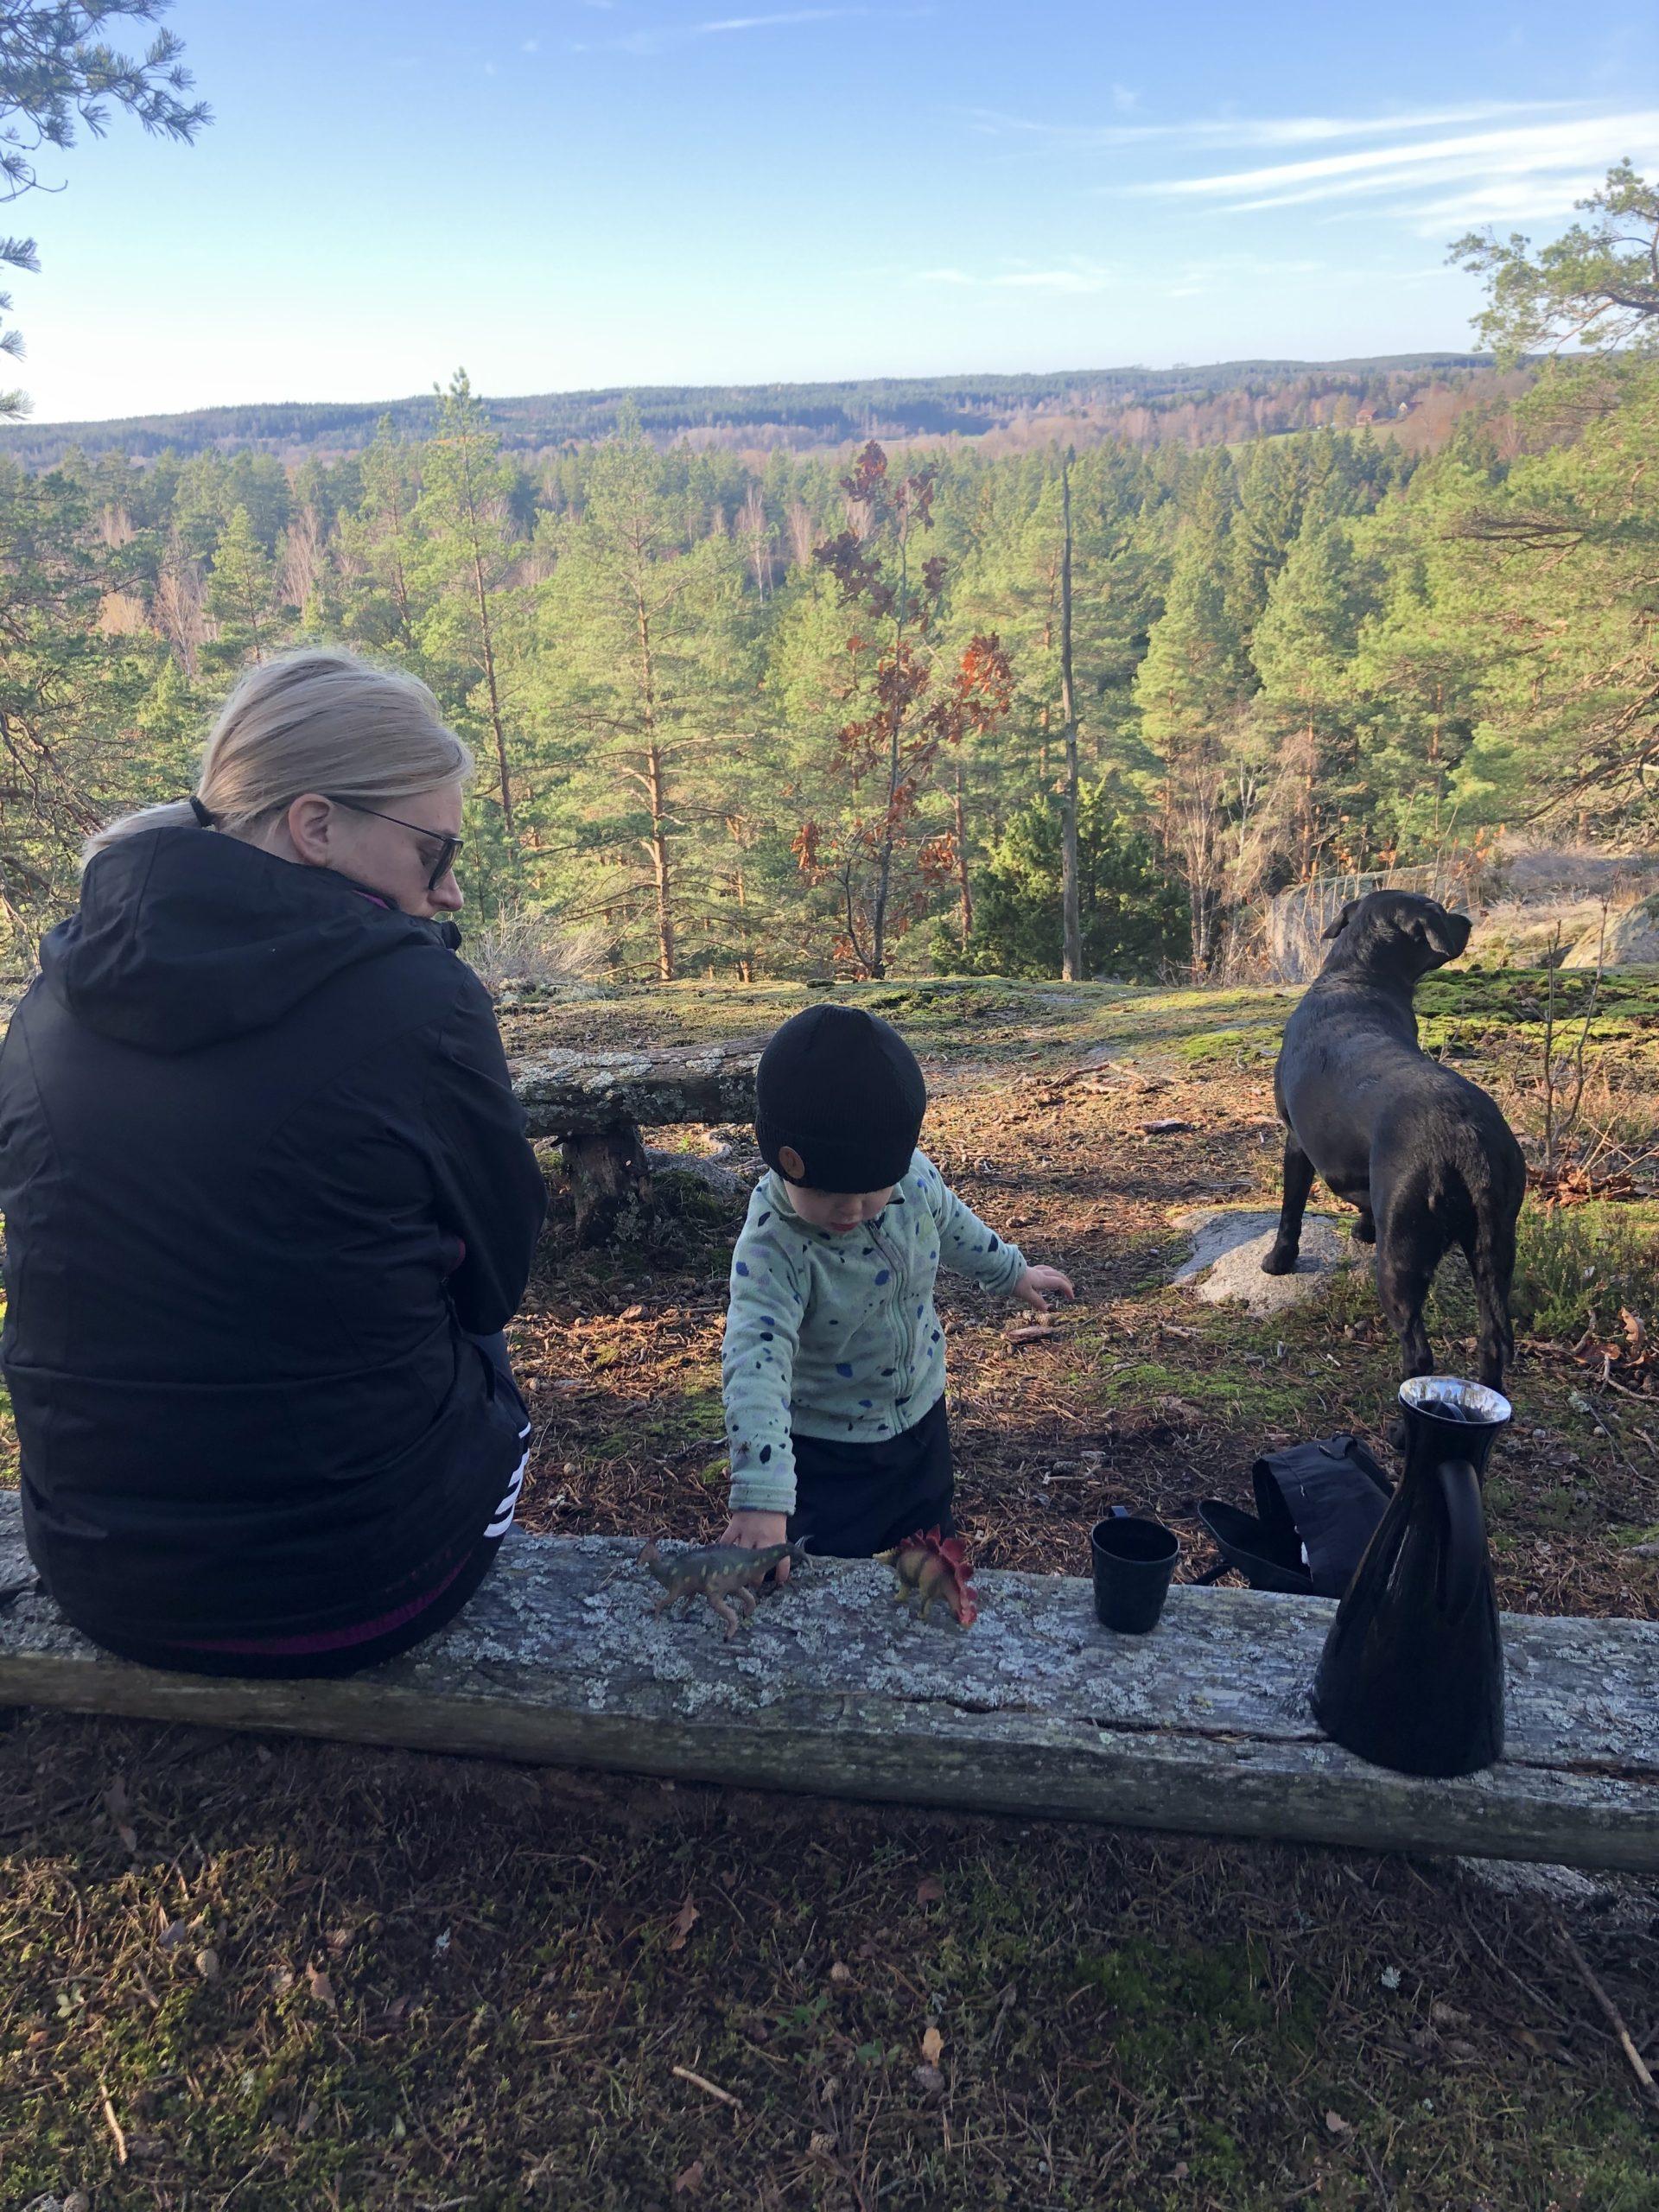 Kubuda kwemhuri nemaonero naJulia Ingmarsson